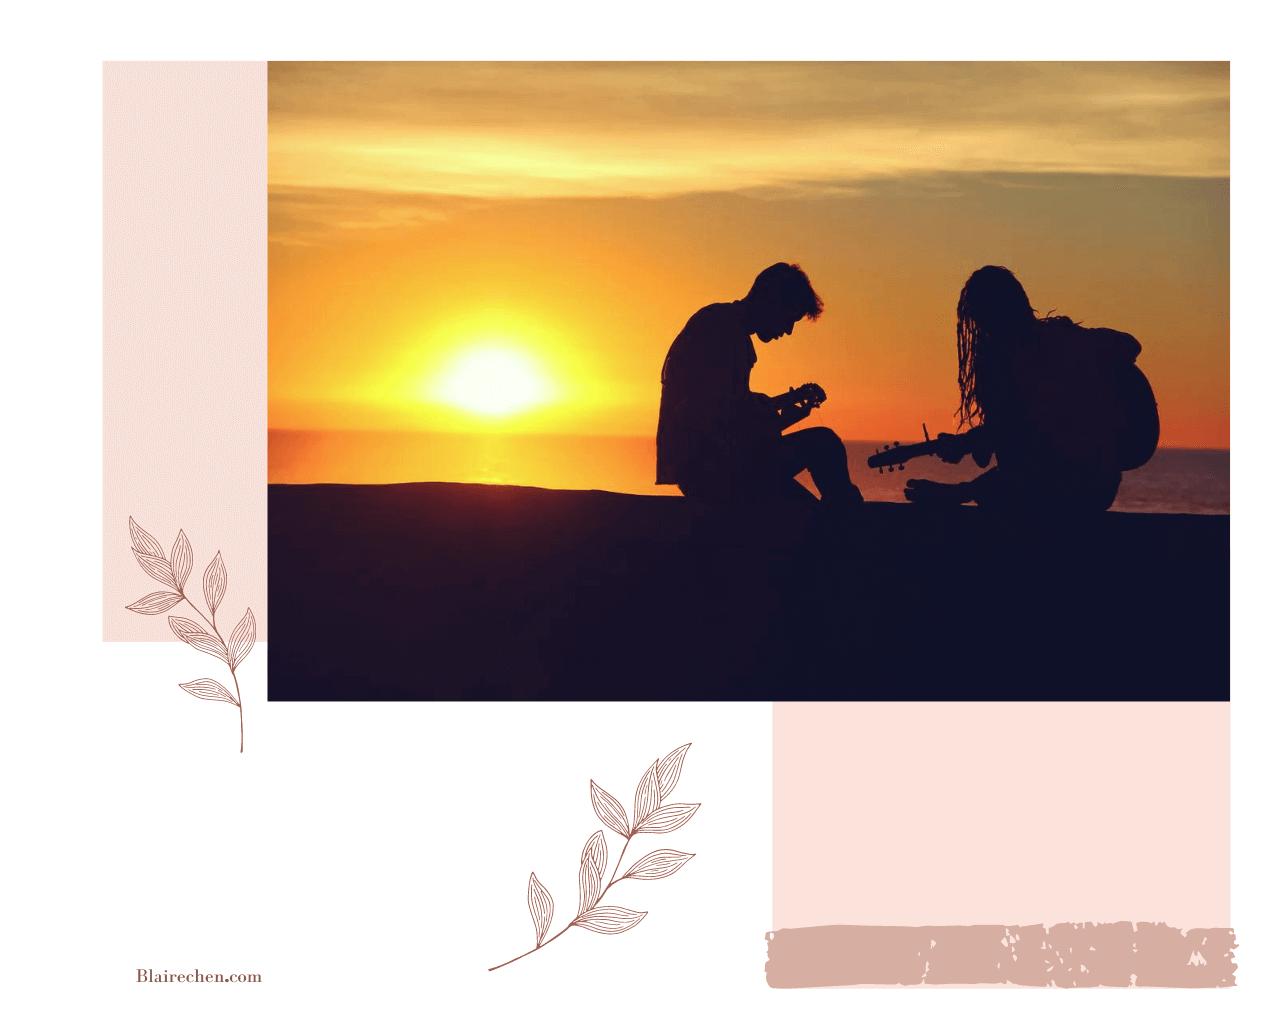 Spotify歌單推薦 – 與自己相處 透過獨處、珍惜,與自己對話,找到更適合你的樣子和生活方式!